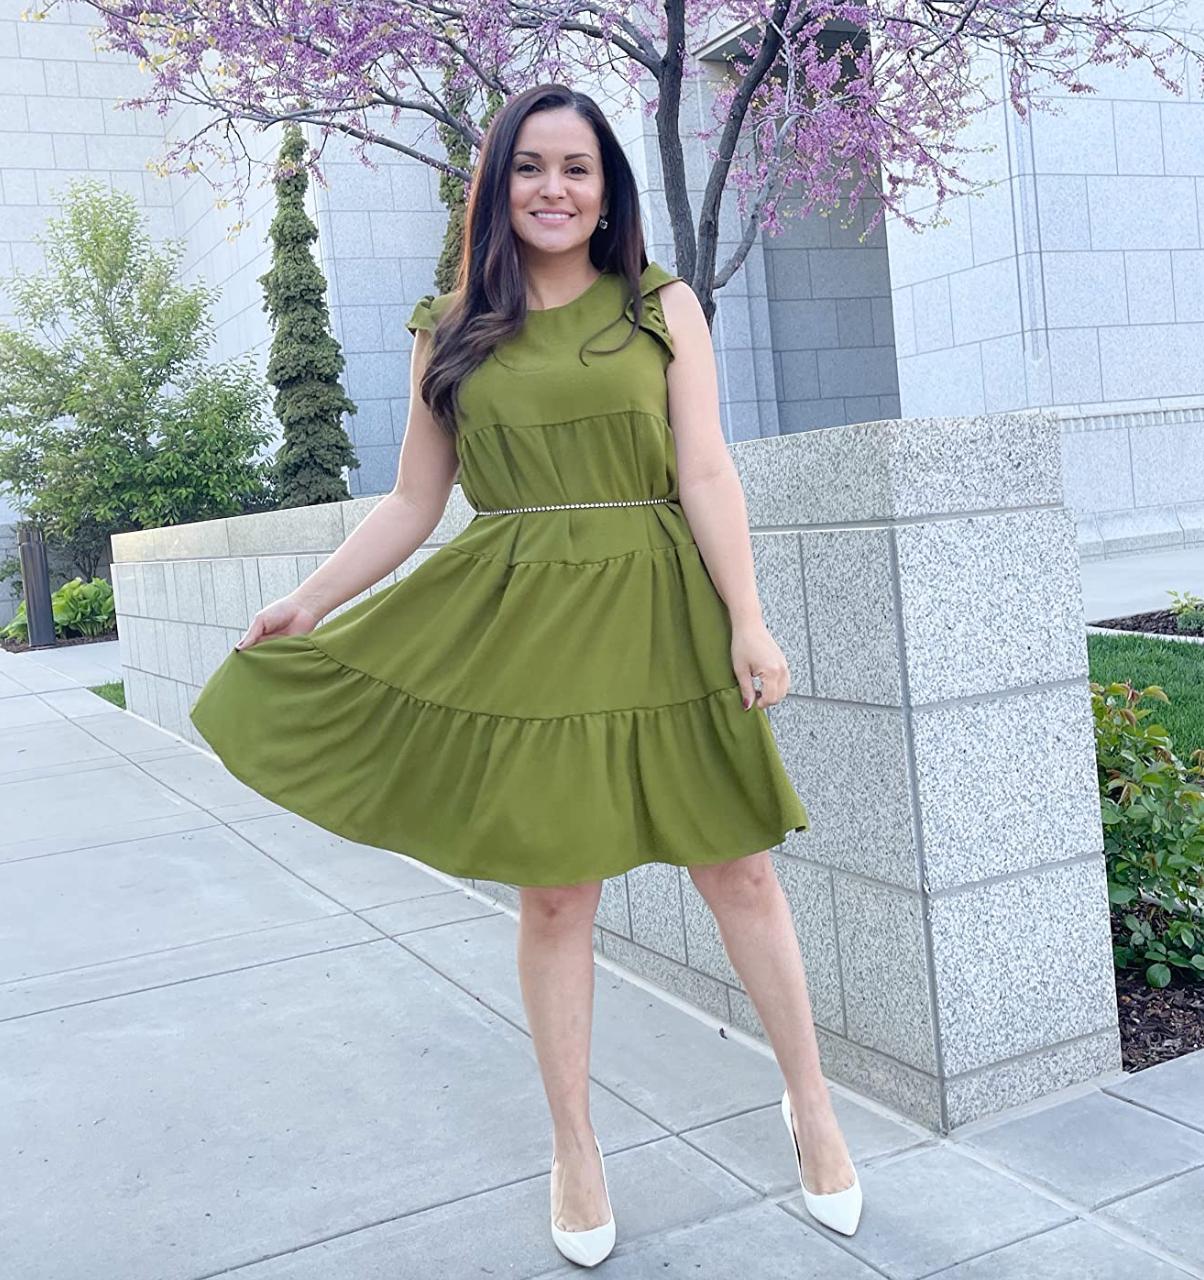 reviewer wearing green dress